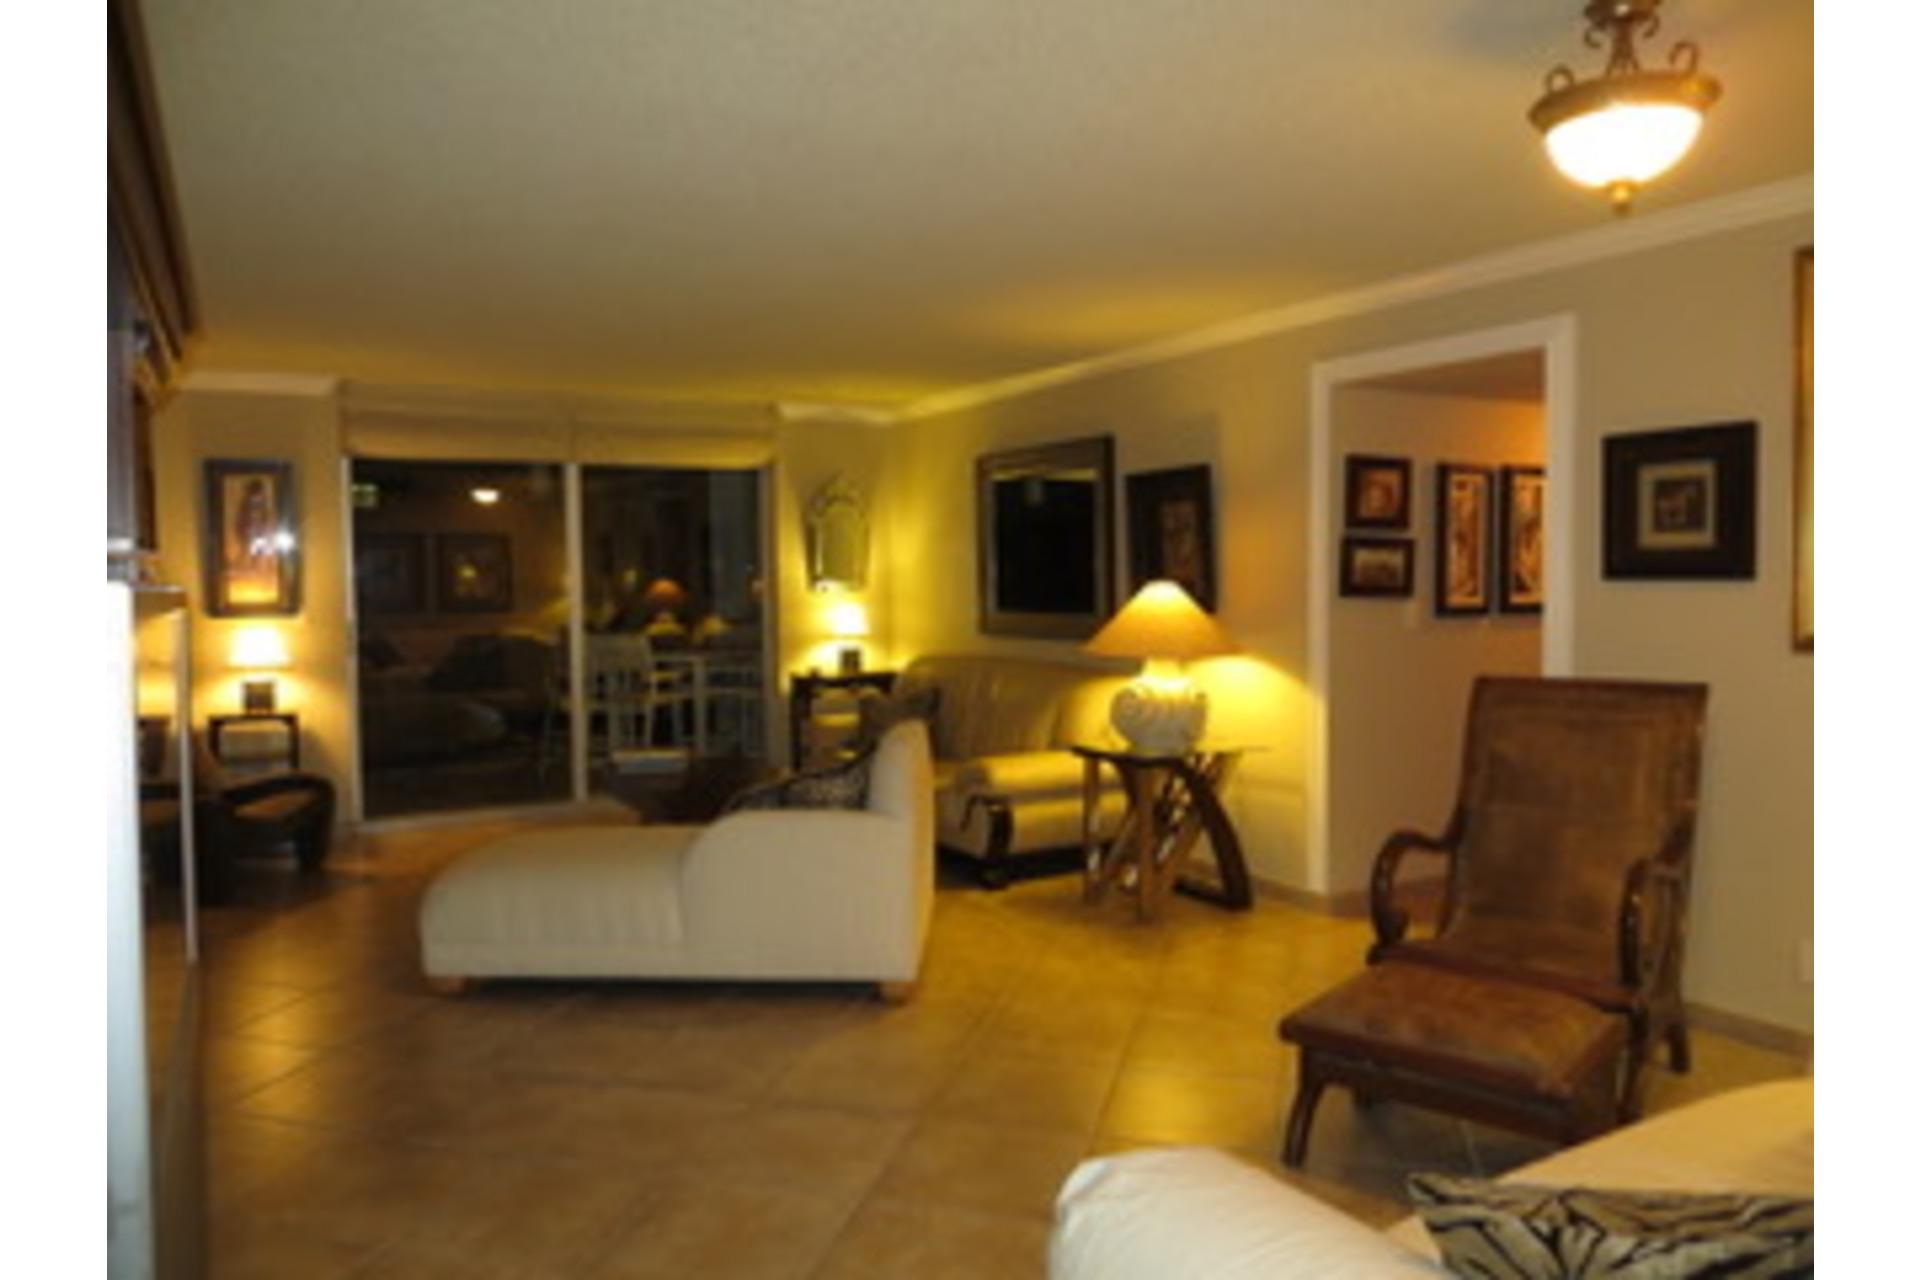 image 9 - Condo Short rental Hallandale Beach - 6 rooms